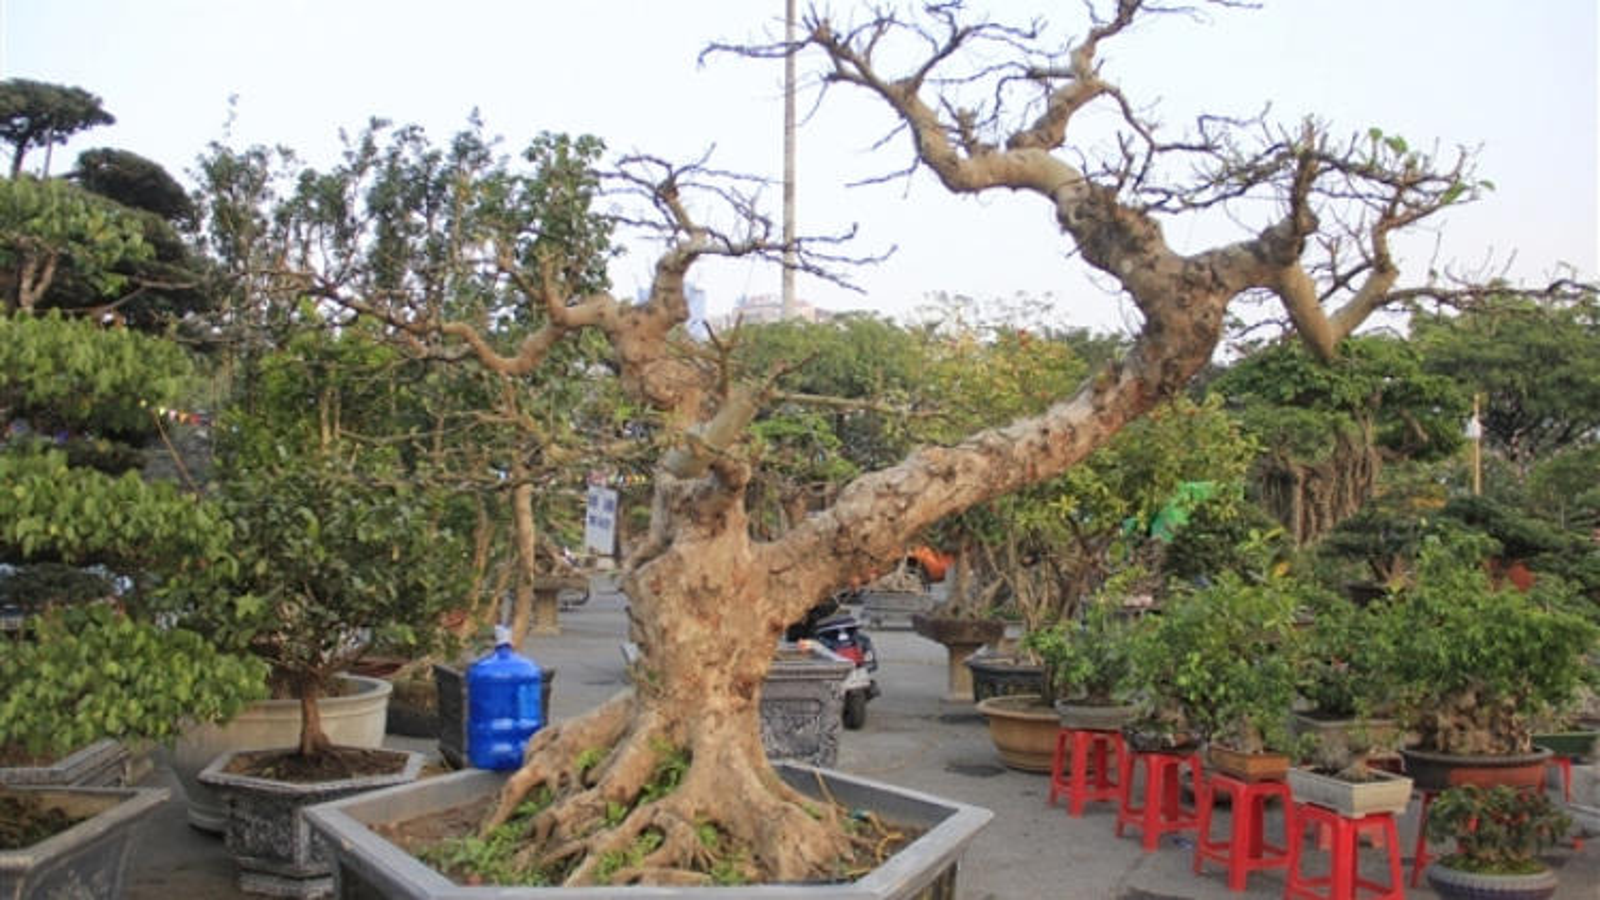 Ngắm cây sung thế lạ gần 100 tuổi giá trăm triệu đồng